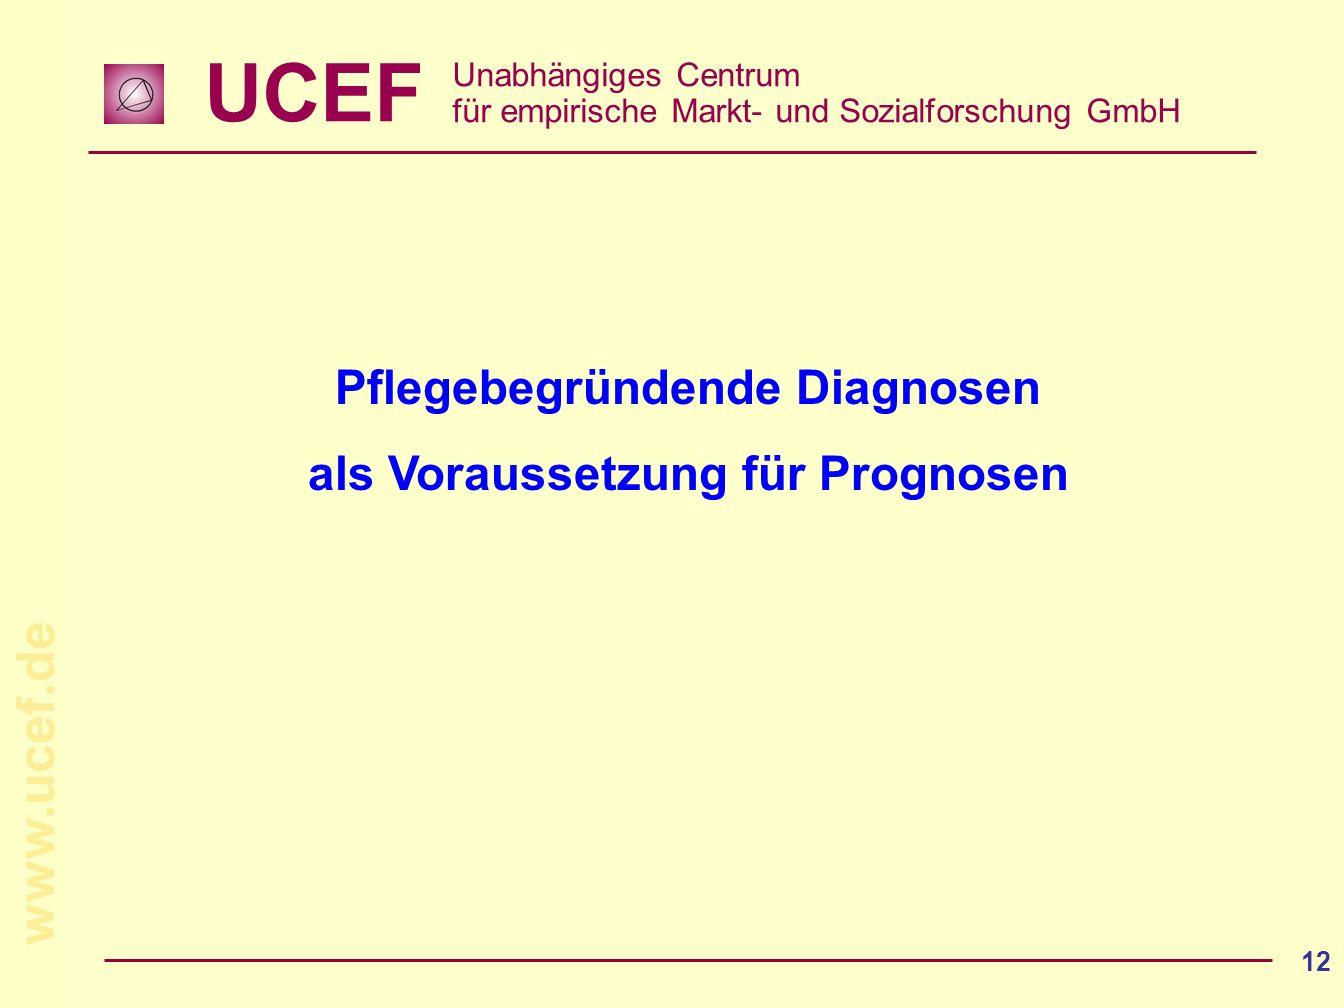 UCEF Unabhängiges Centrum für empirische Markt- und Sozialforschung GmbH www.ucef.de 12 Pflegebegründende Diagnosen als Voraussetzung für Prognosen